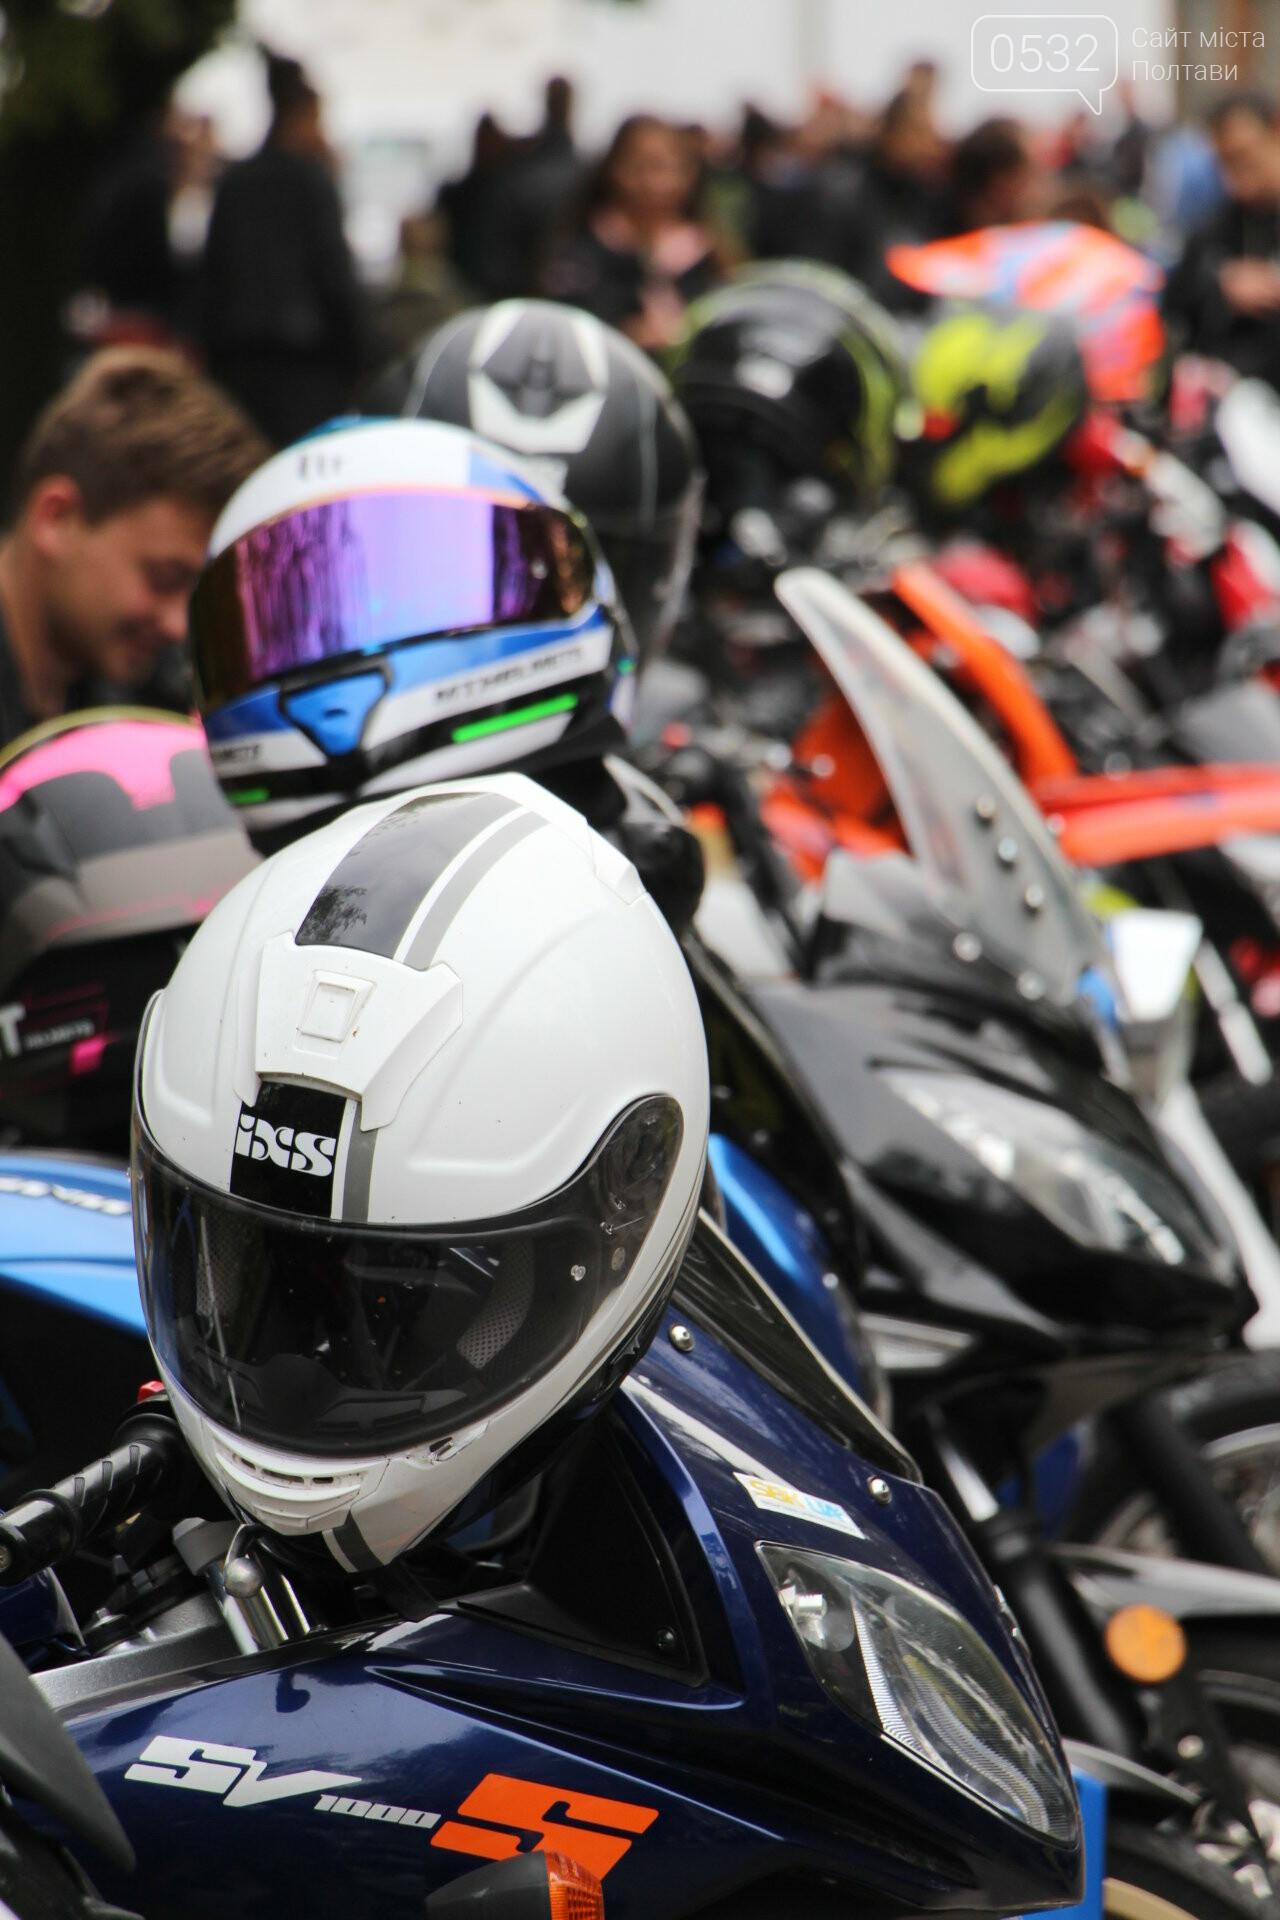 У Полтаві сотні байкерів приїхали на закриття мотосезону (ФОТОРЕПОРТАЖ), фото-9